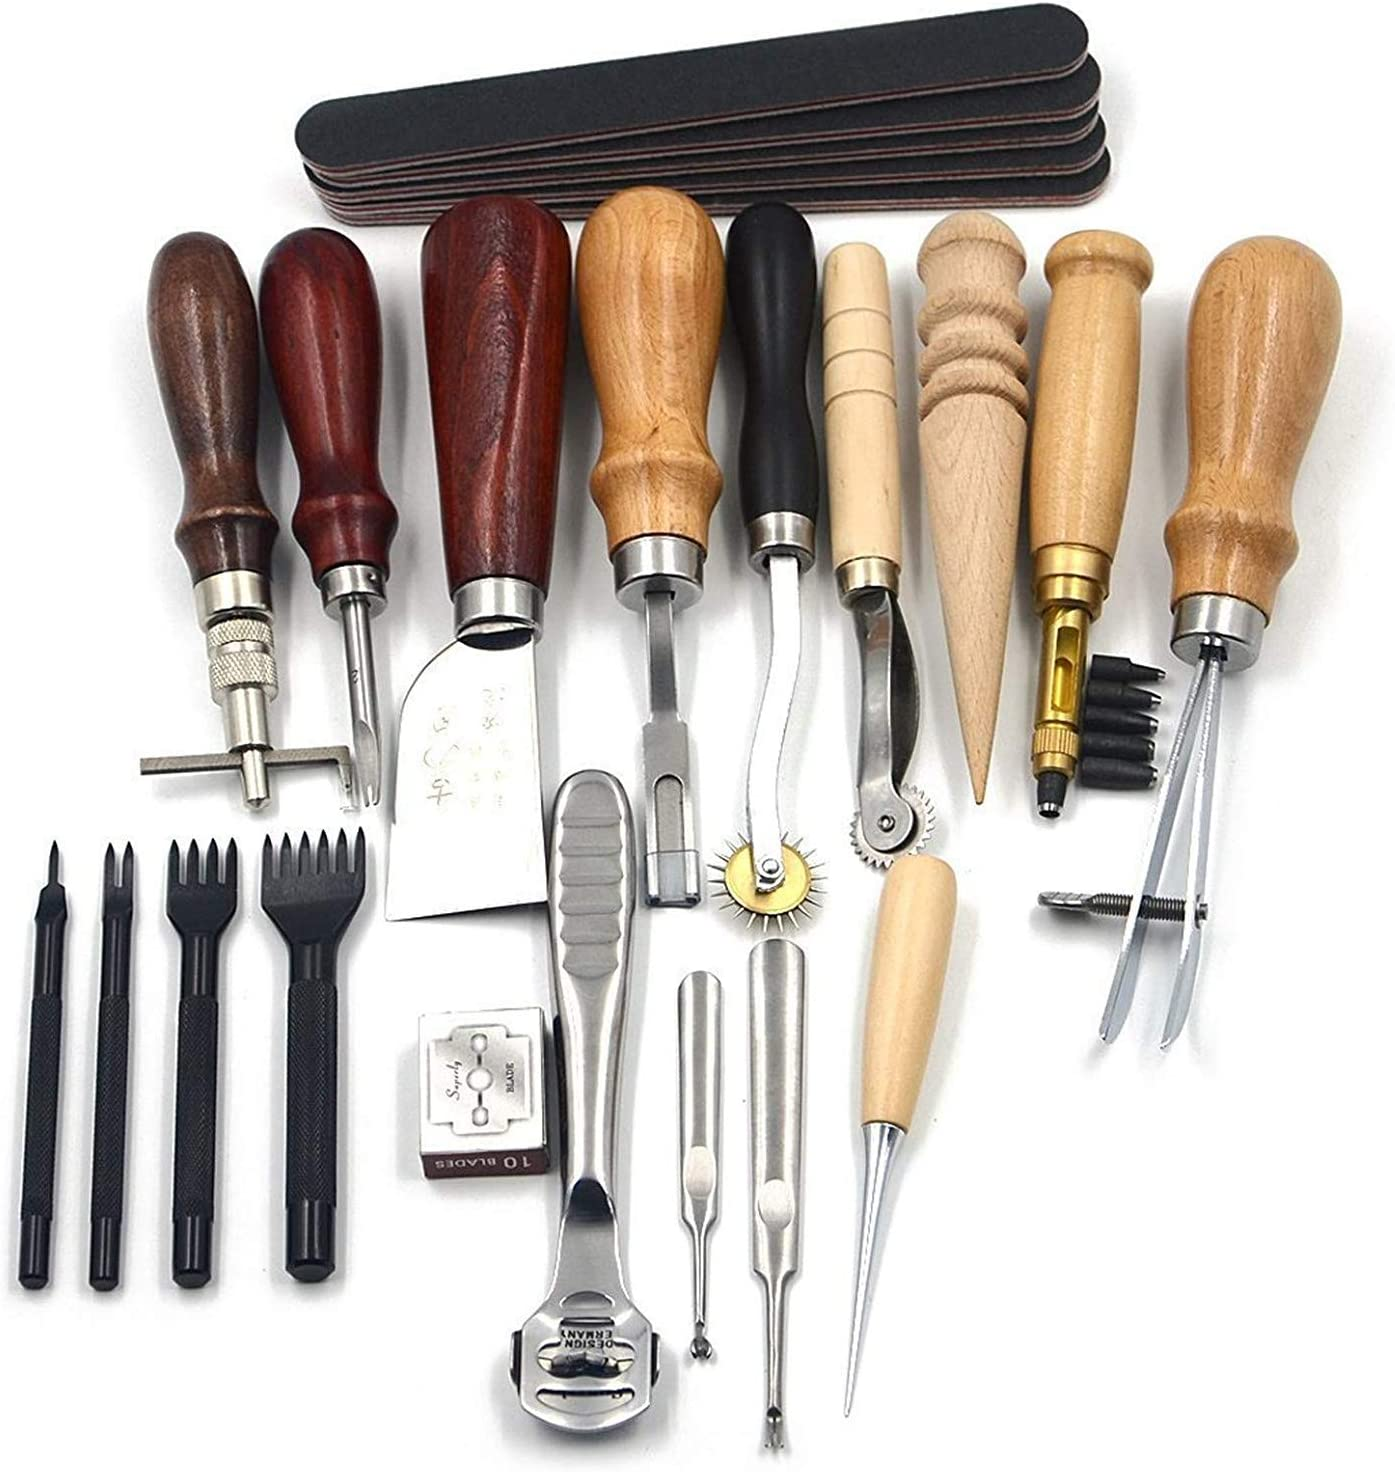 Holzsammlung 19 Piezas de Herramientas de Coser de Cuero Artesanía de Cuero Kit de Costura Manual de Bricolaje #04